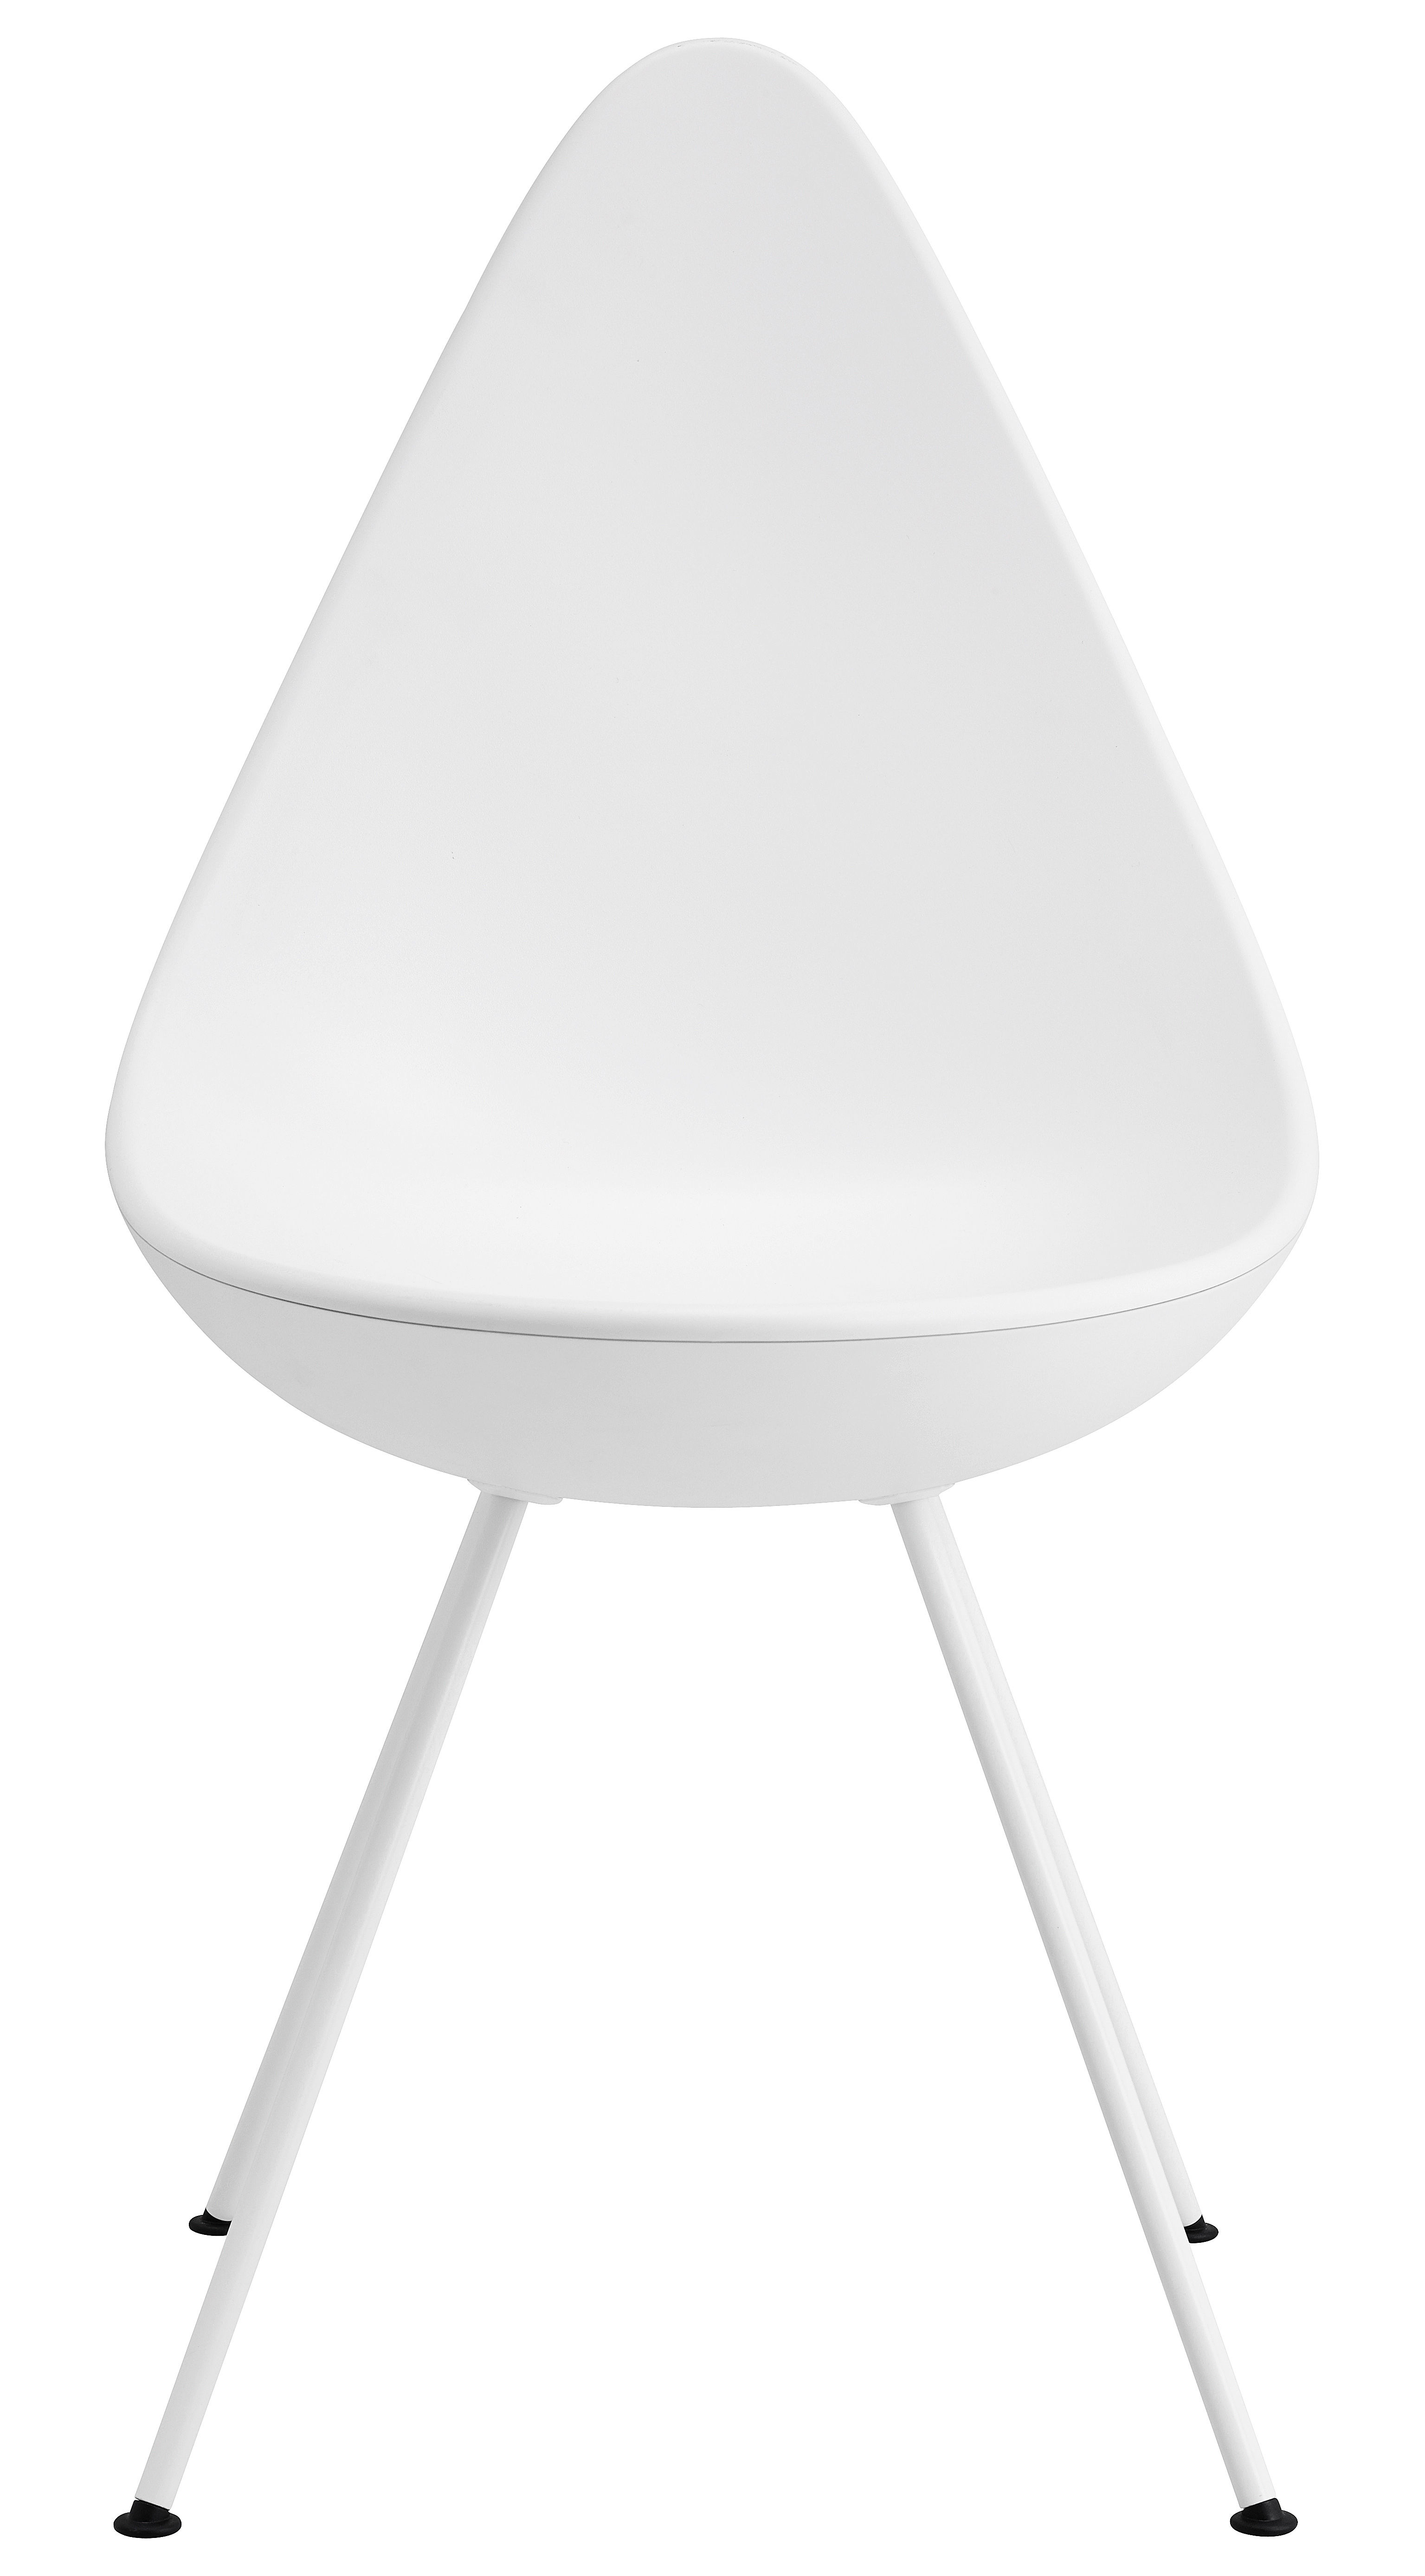 Mobilier - Chaises, fauteuils de salle à manger - Chaise Drop / Coque plastique - Réédition 1958 - Fritz Hansen - Blanc - Acier laqué, Nylon, Plastique ABS